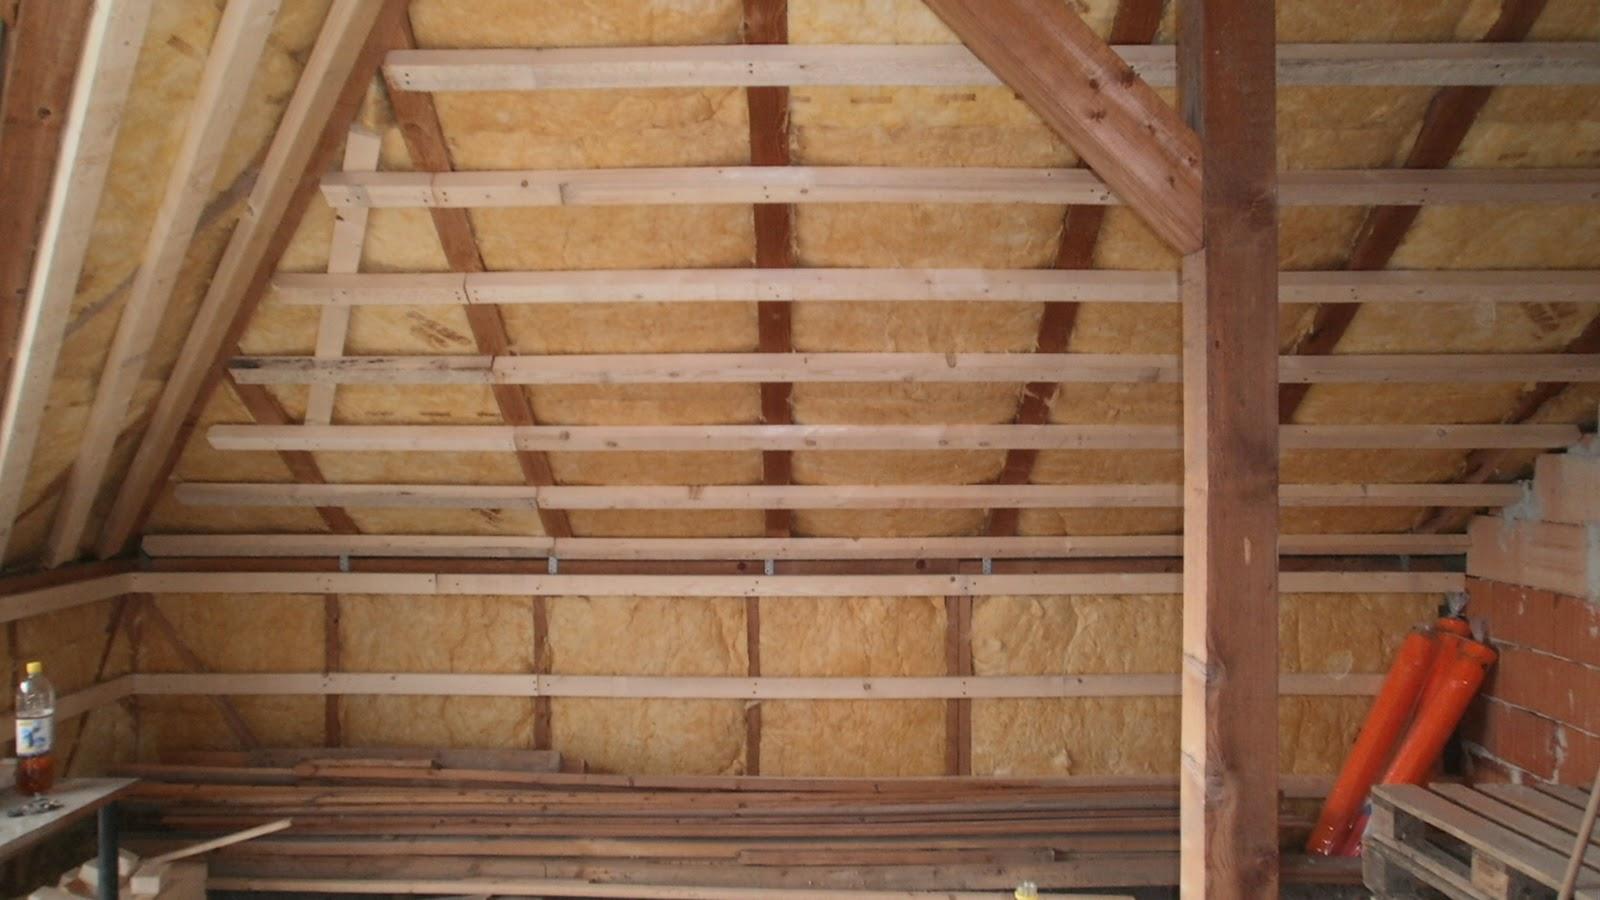 heimwerker: dachbodenausbau - unterkonstruktion mit holz und dampfbremse